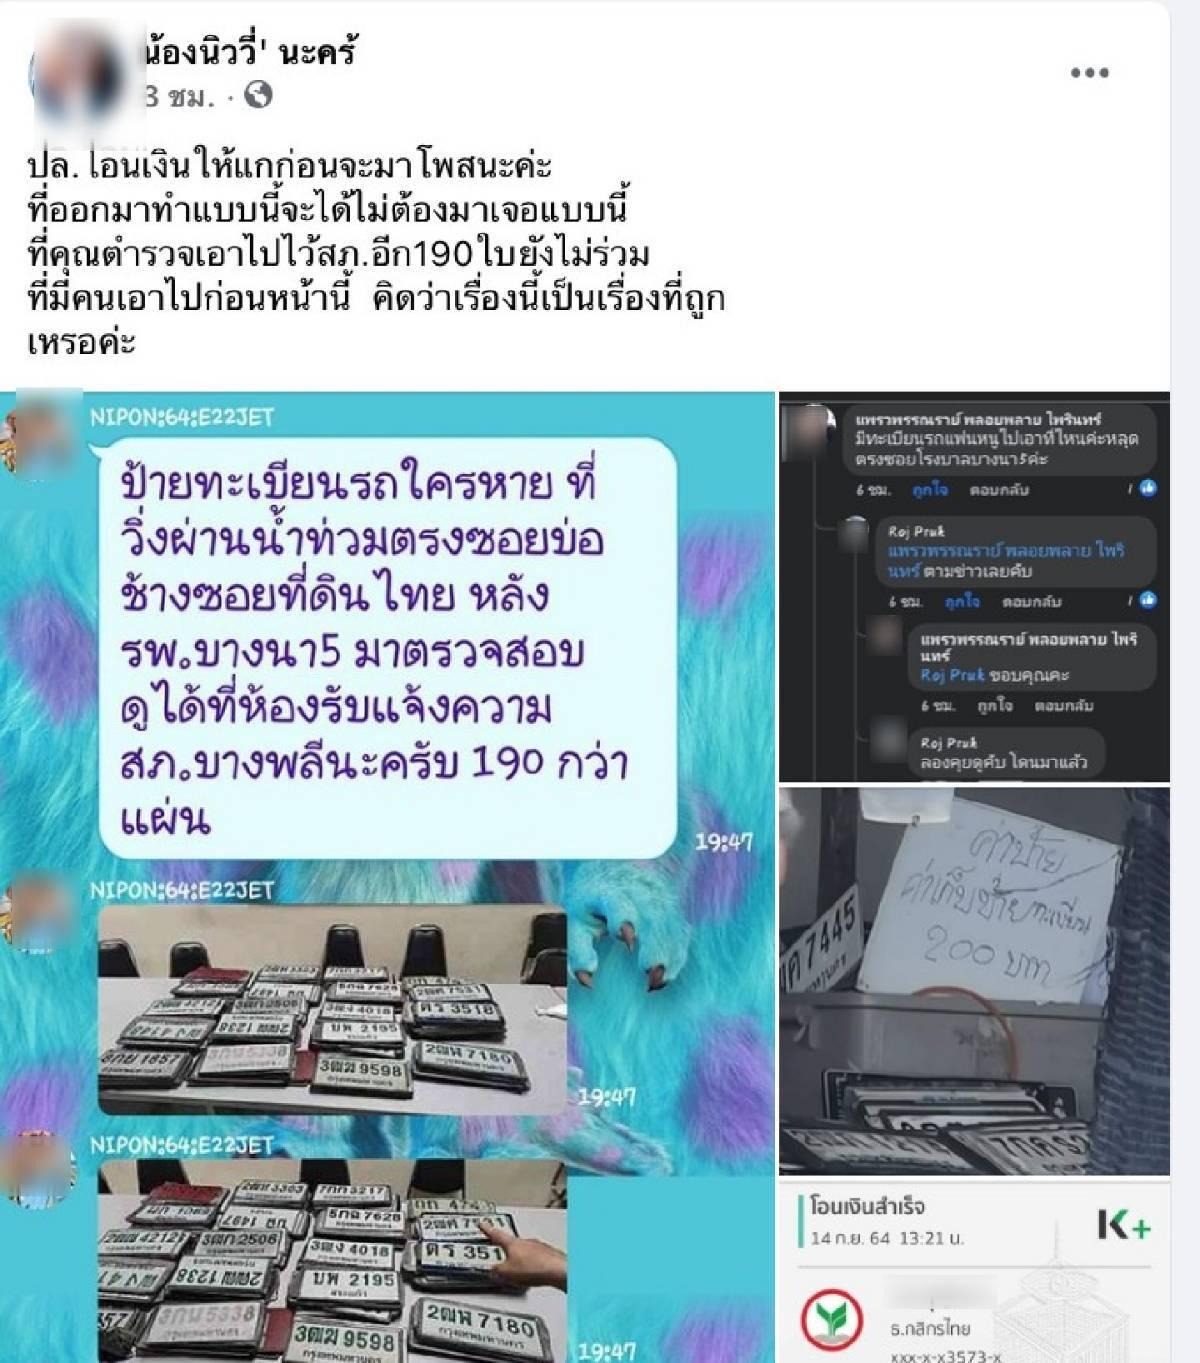 บัญชีFacebookชื่อน้องนิววี่นะคร้